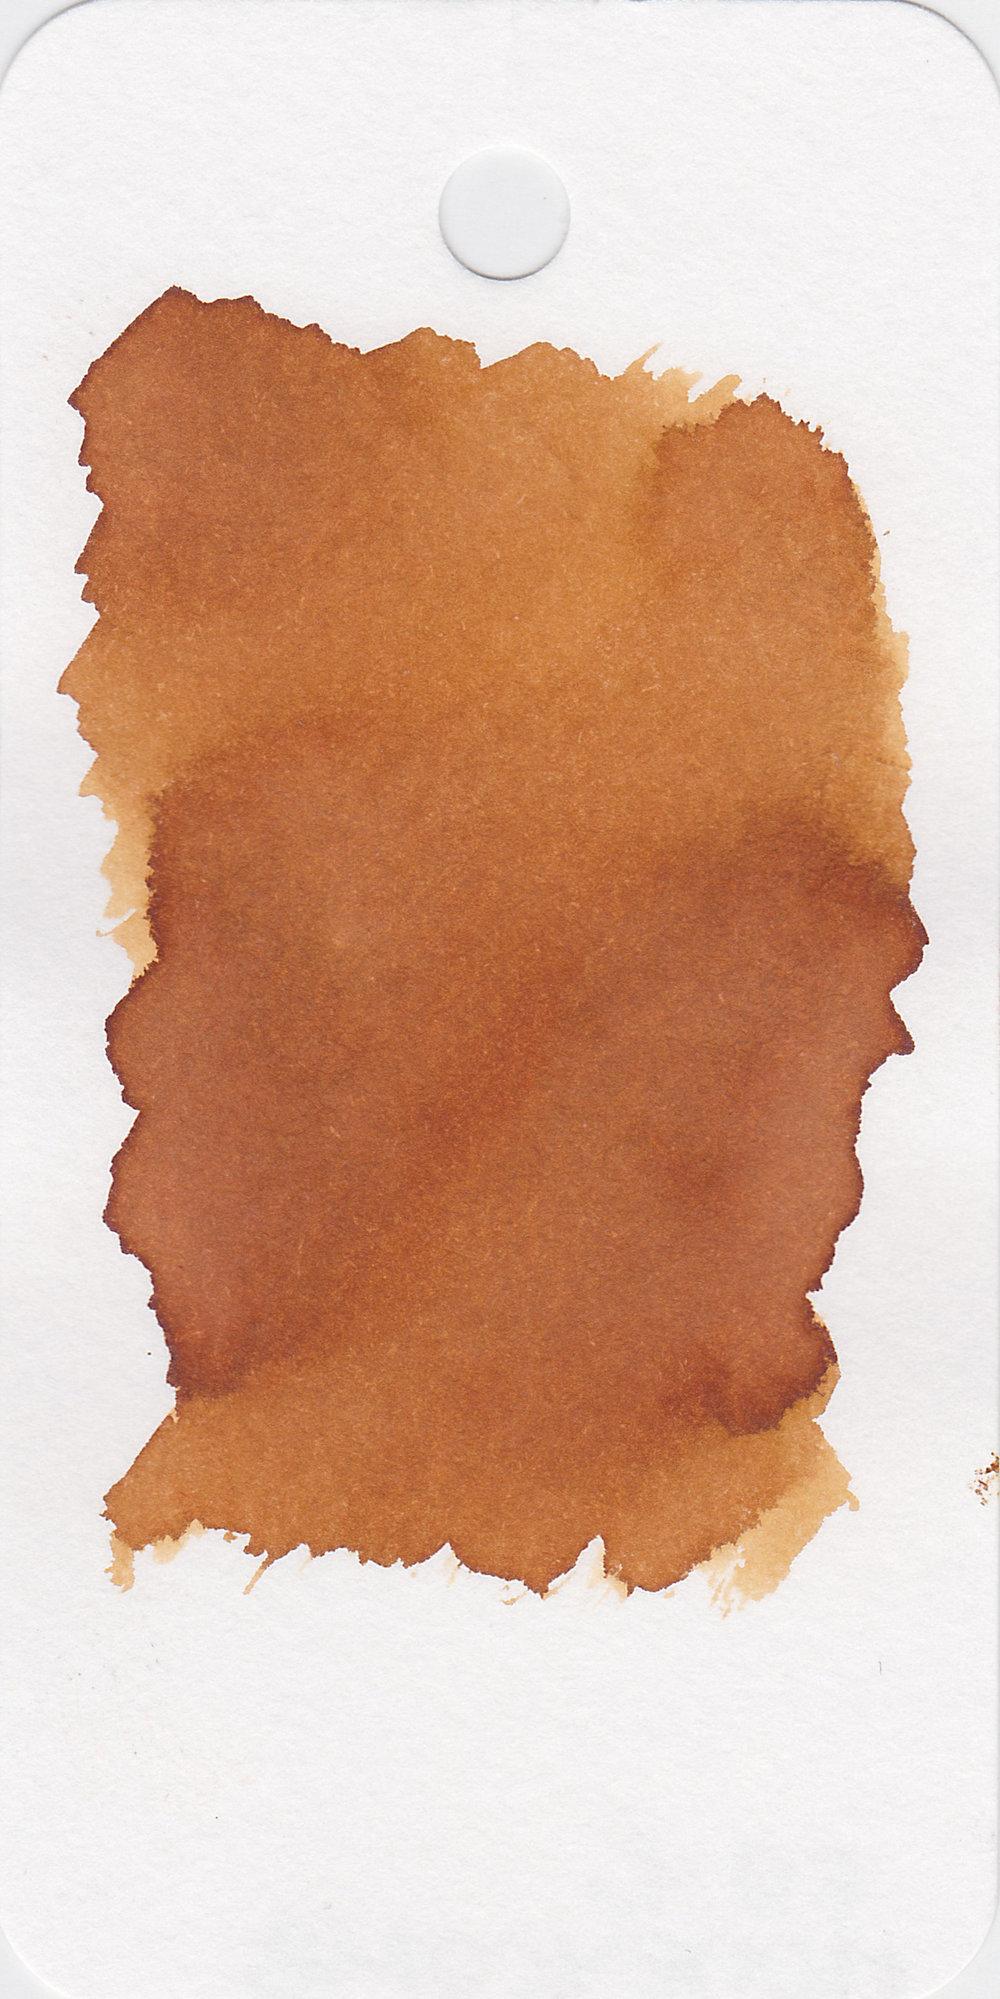 gvfc-cognac-brown-2.jpg